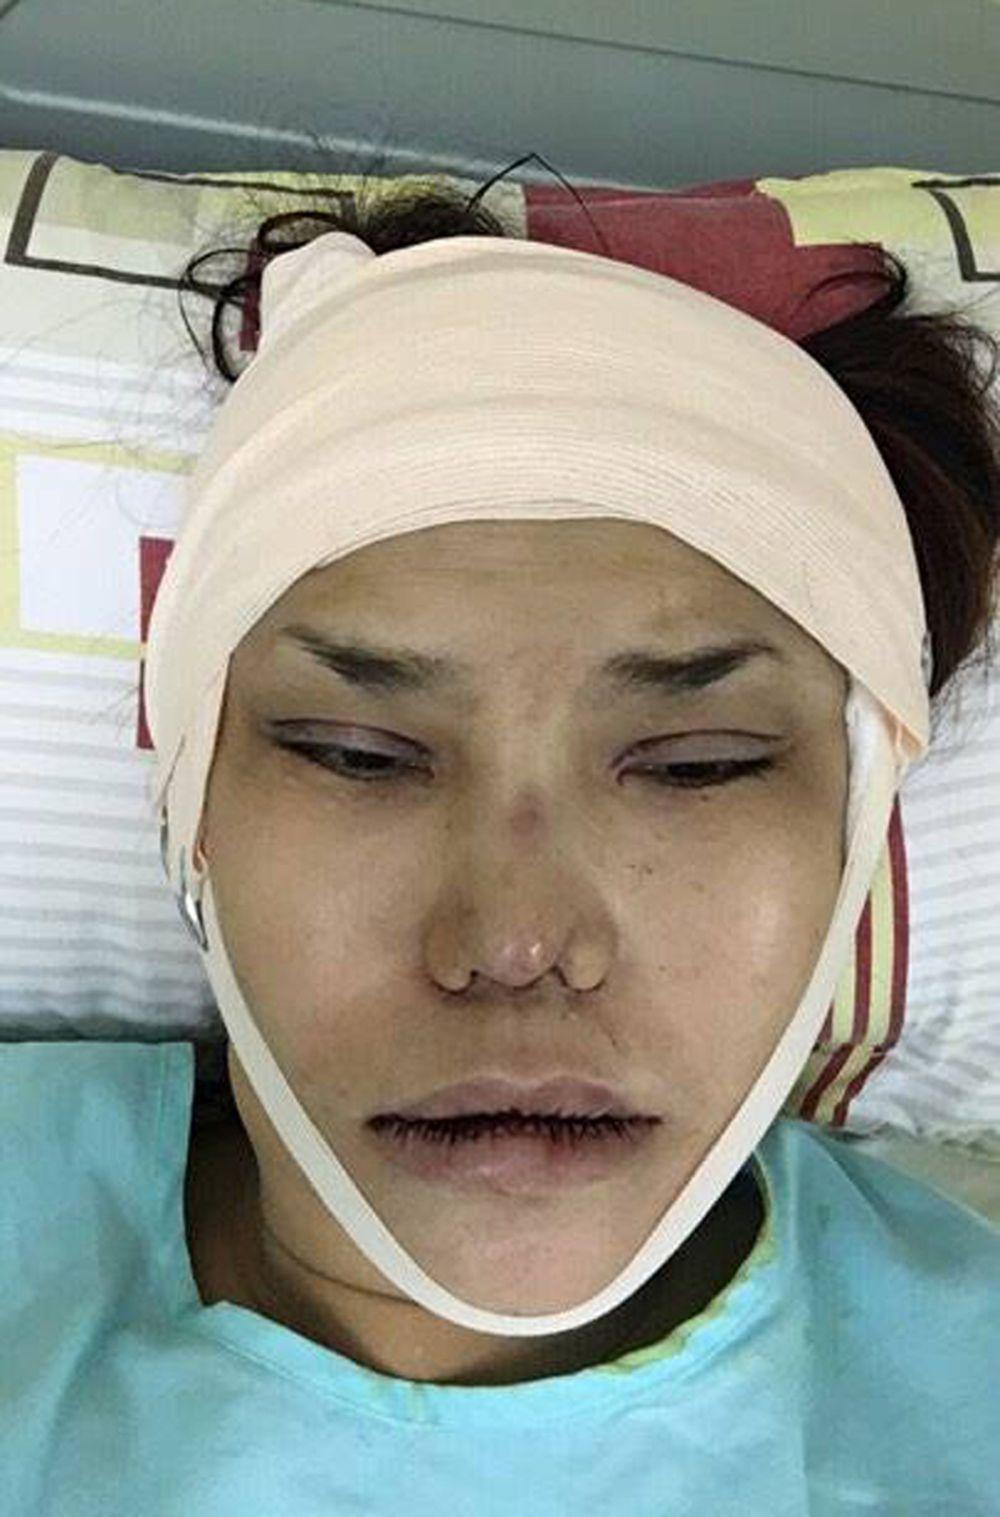 Hình Ảnh Băng Bó Chằng Chịt Trên Bàn Phẫu Thuật Được Cindy Thái Tài Chia  Sẻ. Riêng Chiếc Mũi Đã Từng Được Người Đẹp Chuyển Giới Chỉnh Sửa 5 Lần.